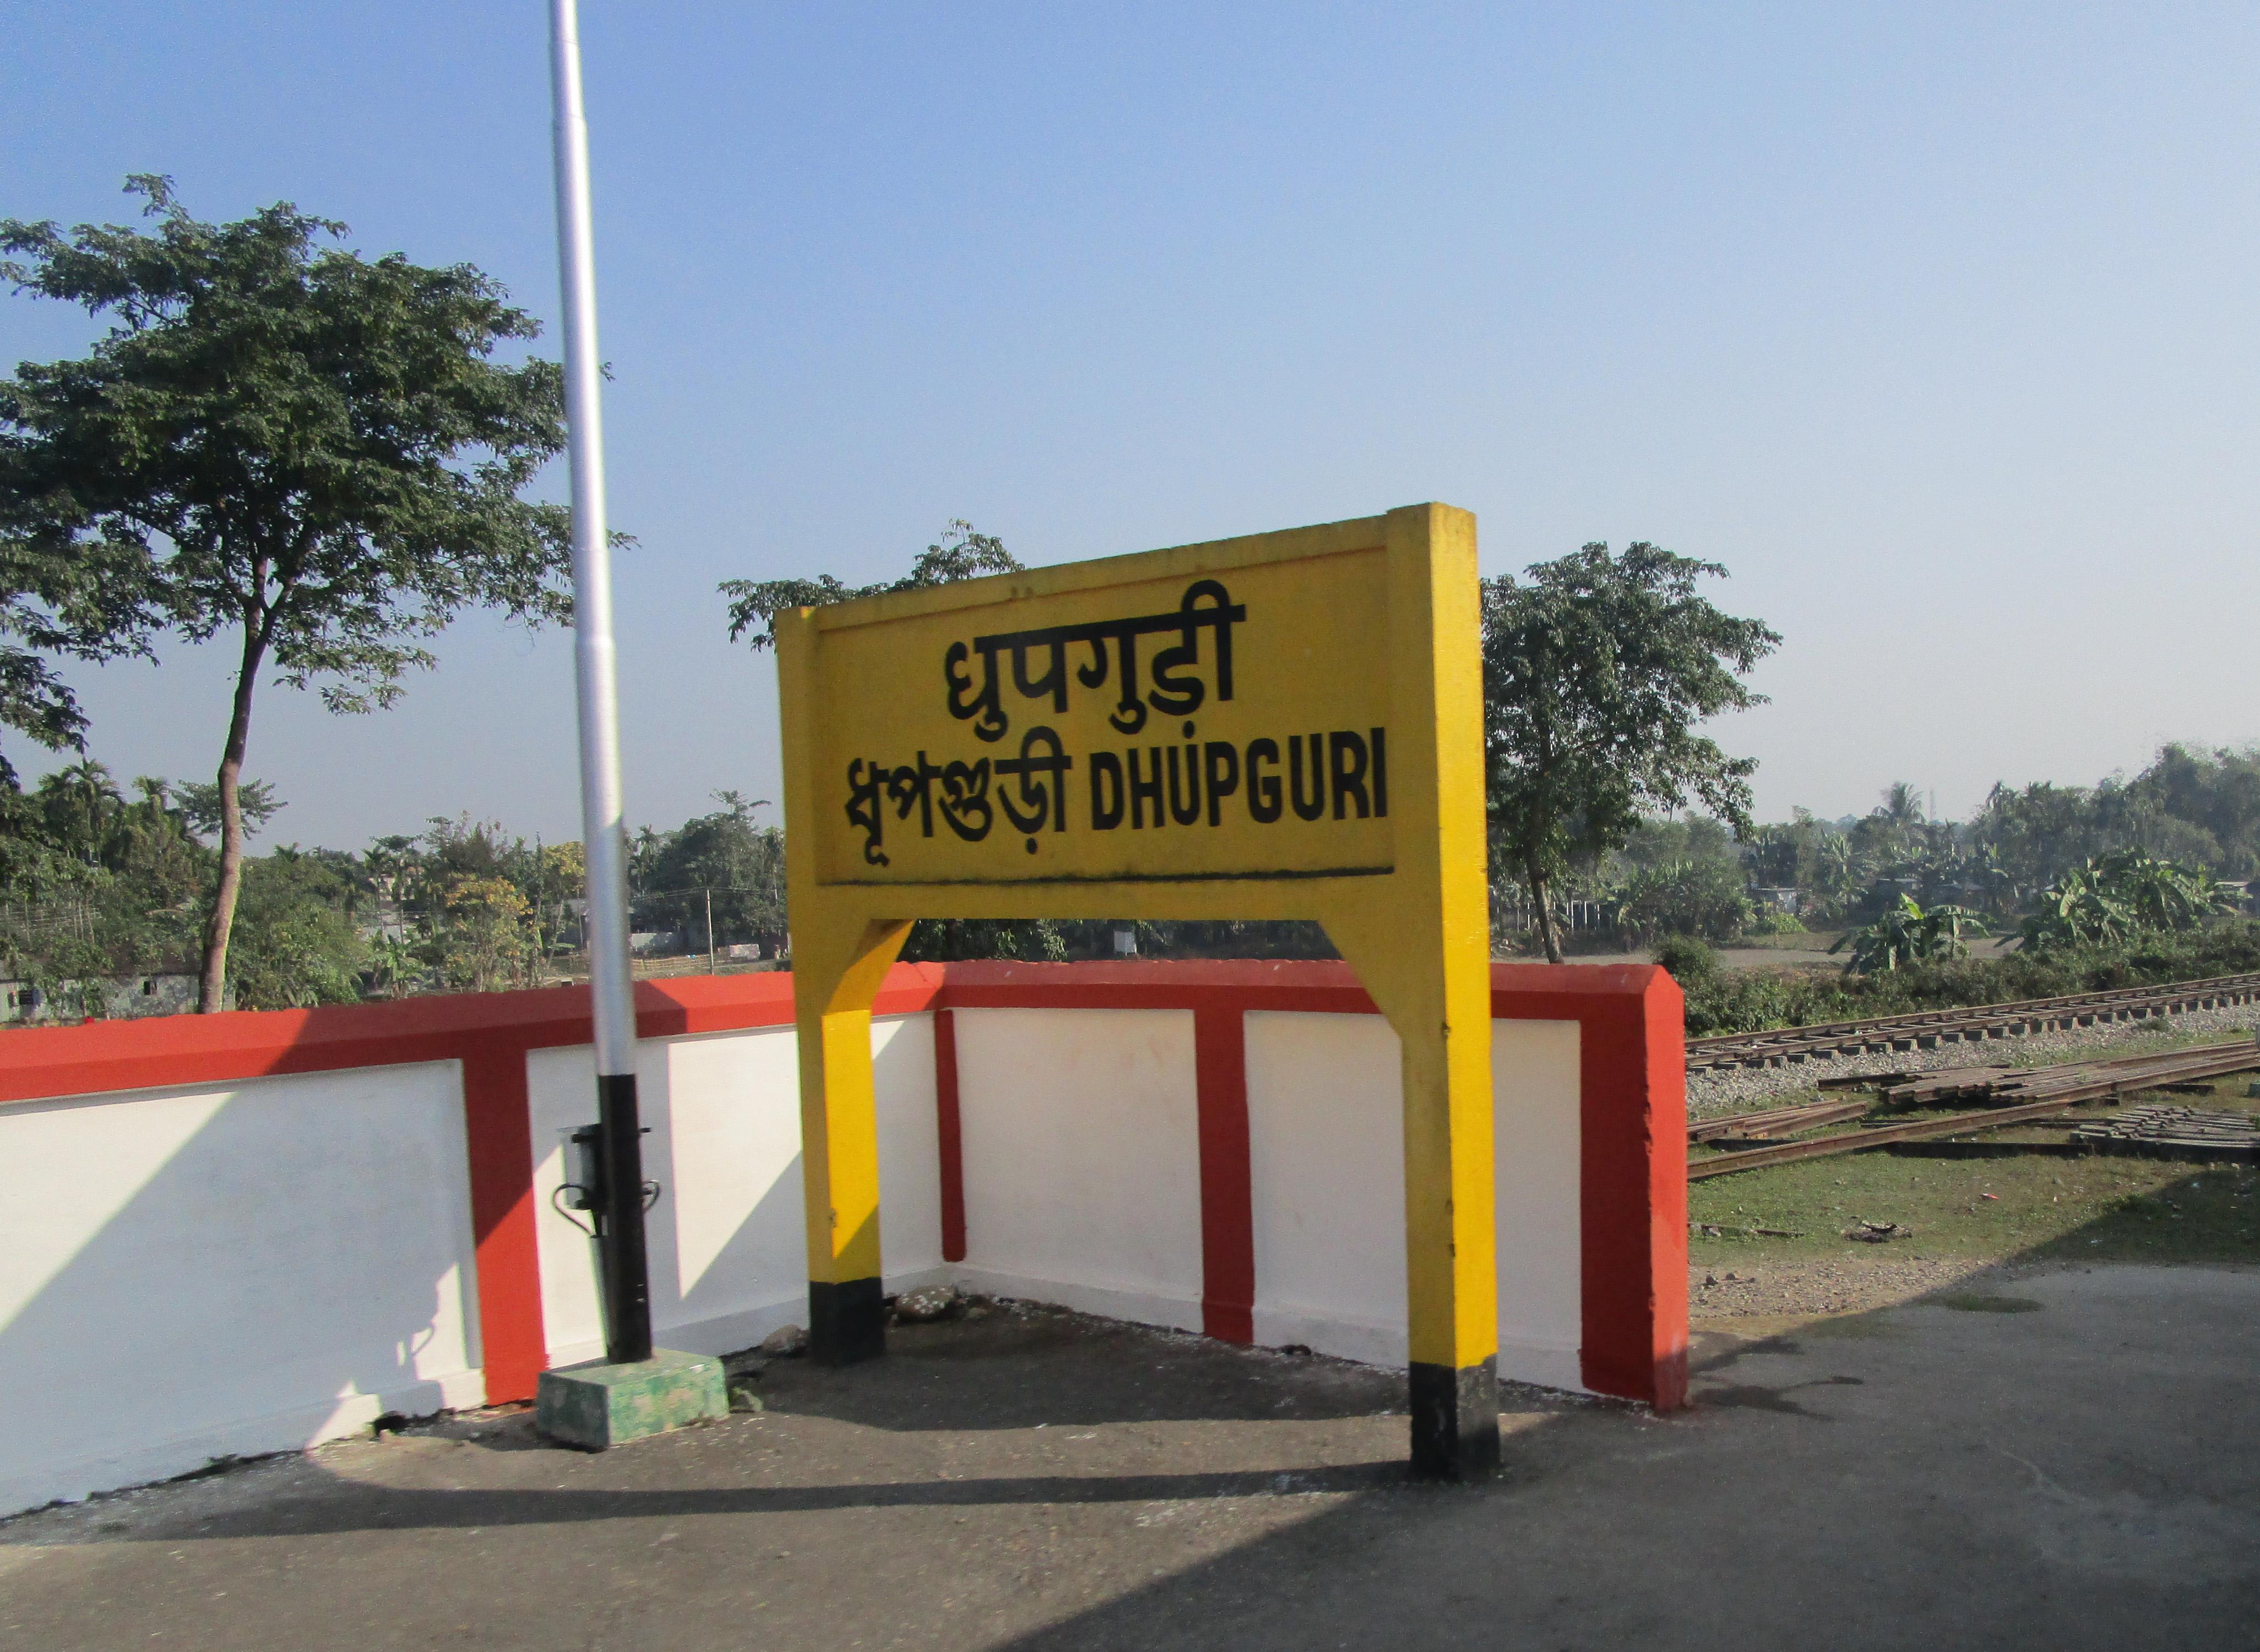 Personal Loan Dhupguri